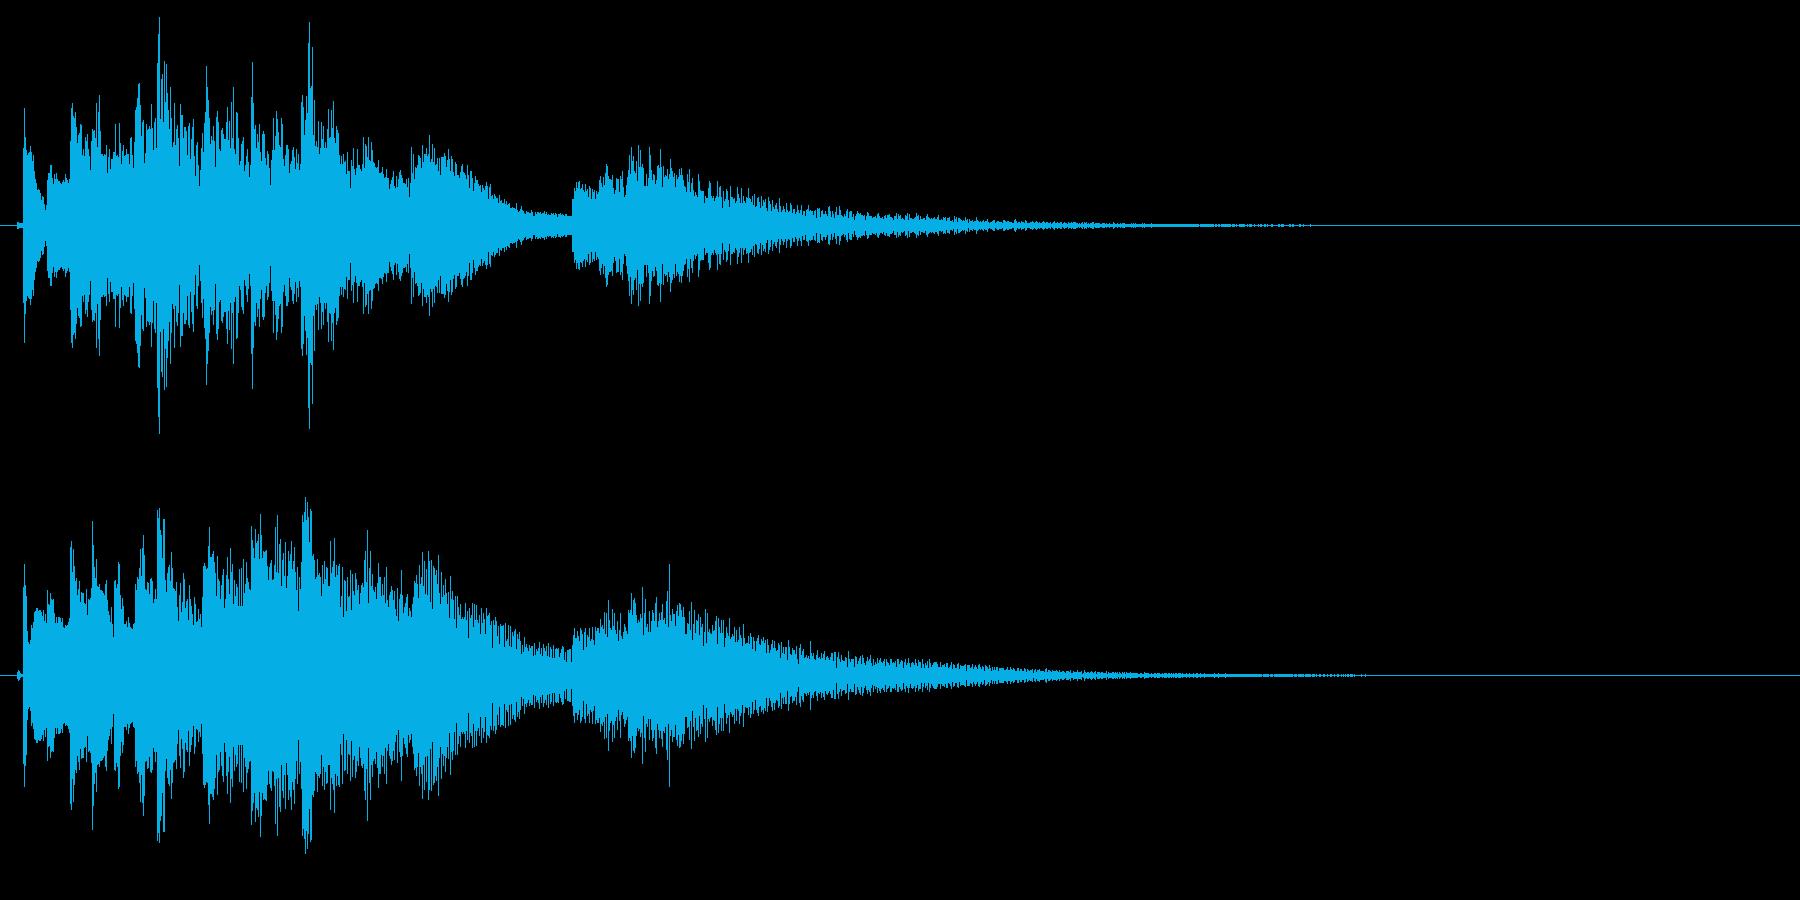 琴のフレーズ4☆調律2☆リバーブ有の再生済みの波形